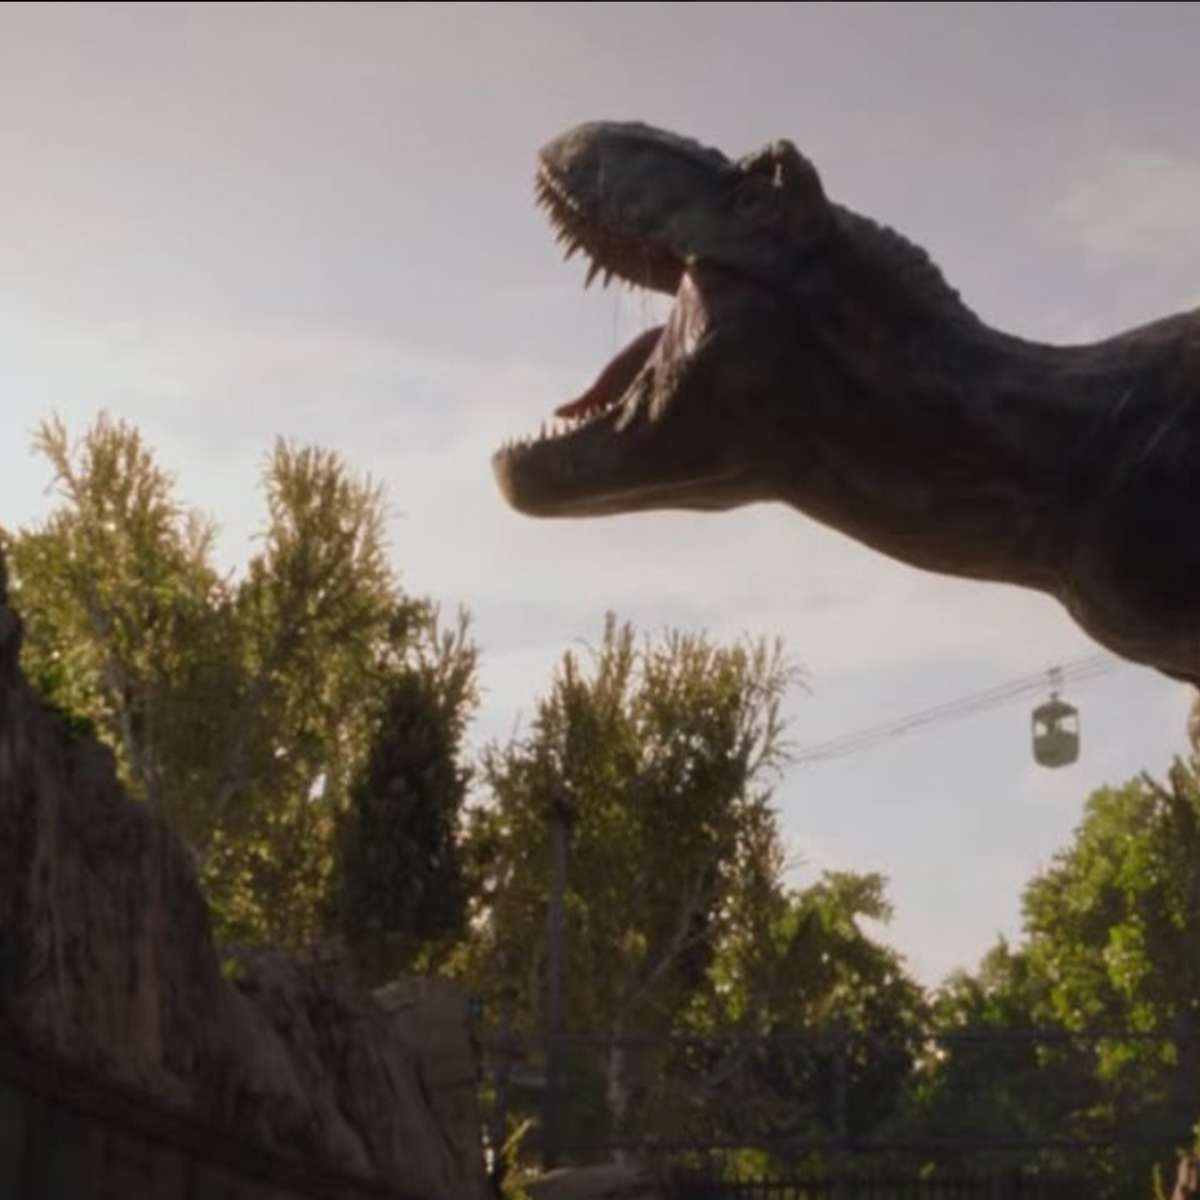 Jurassic World: Fallen Kingdom